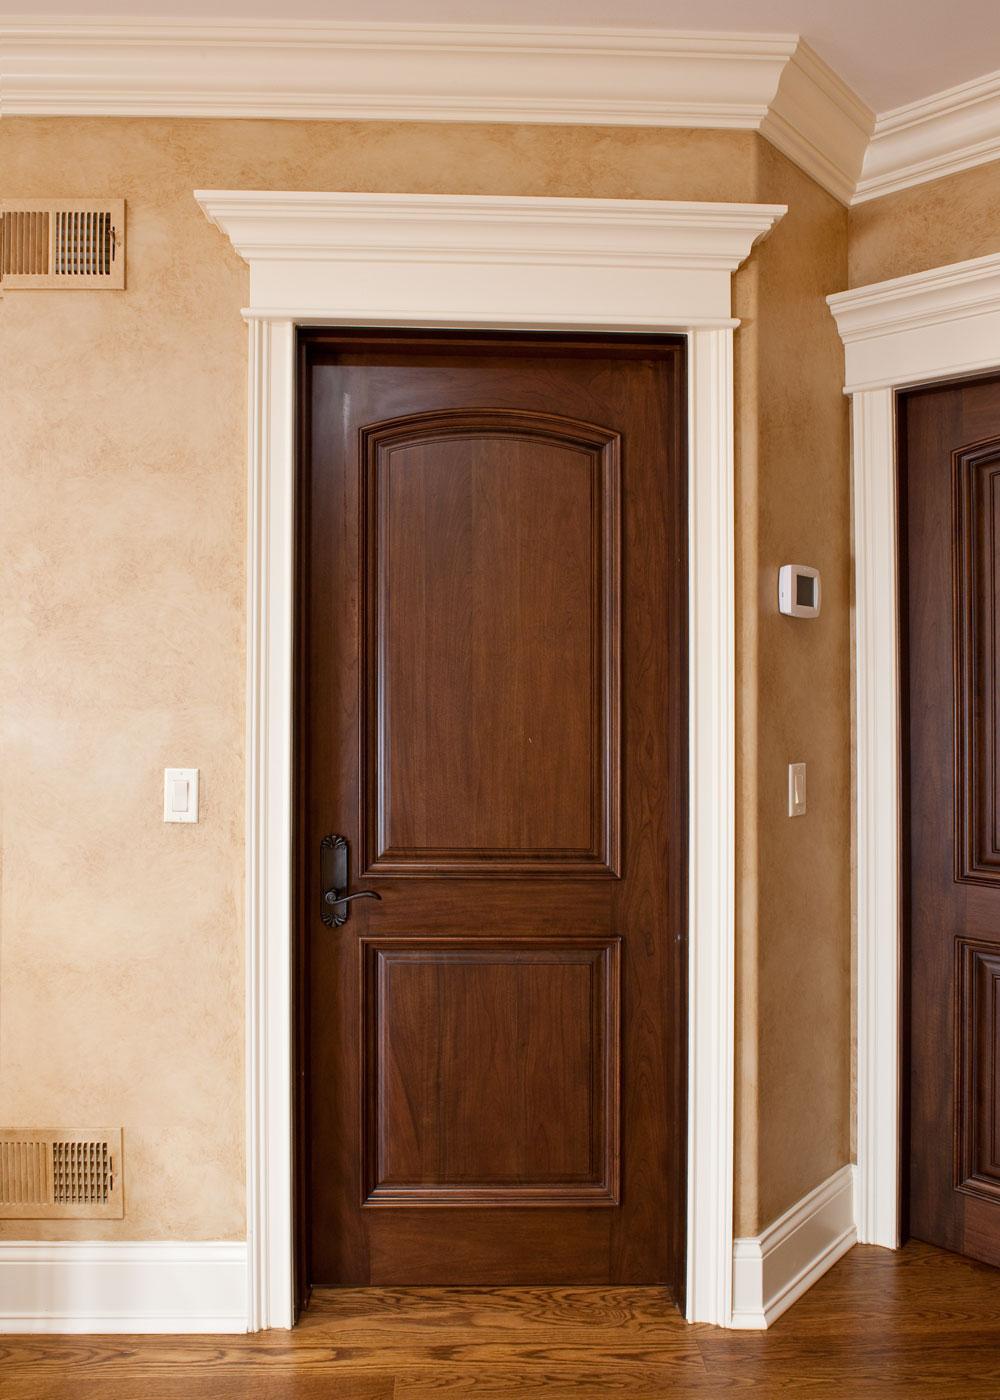 Межкомнатная дверь МДФ классической формы